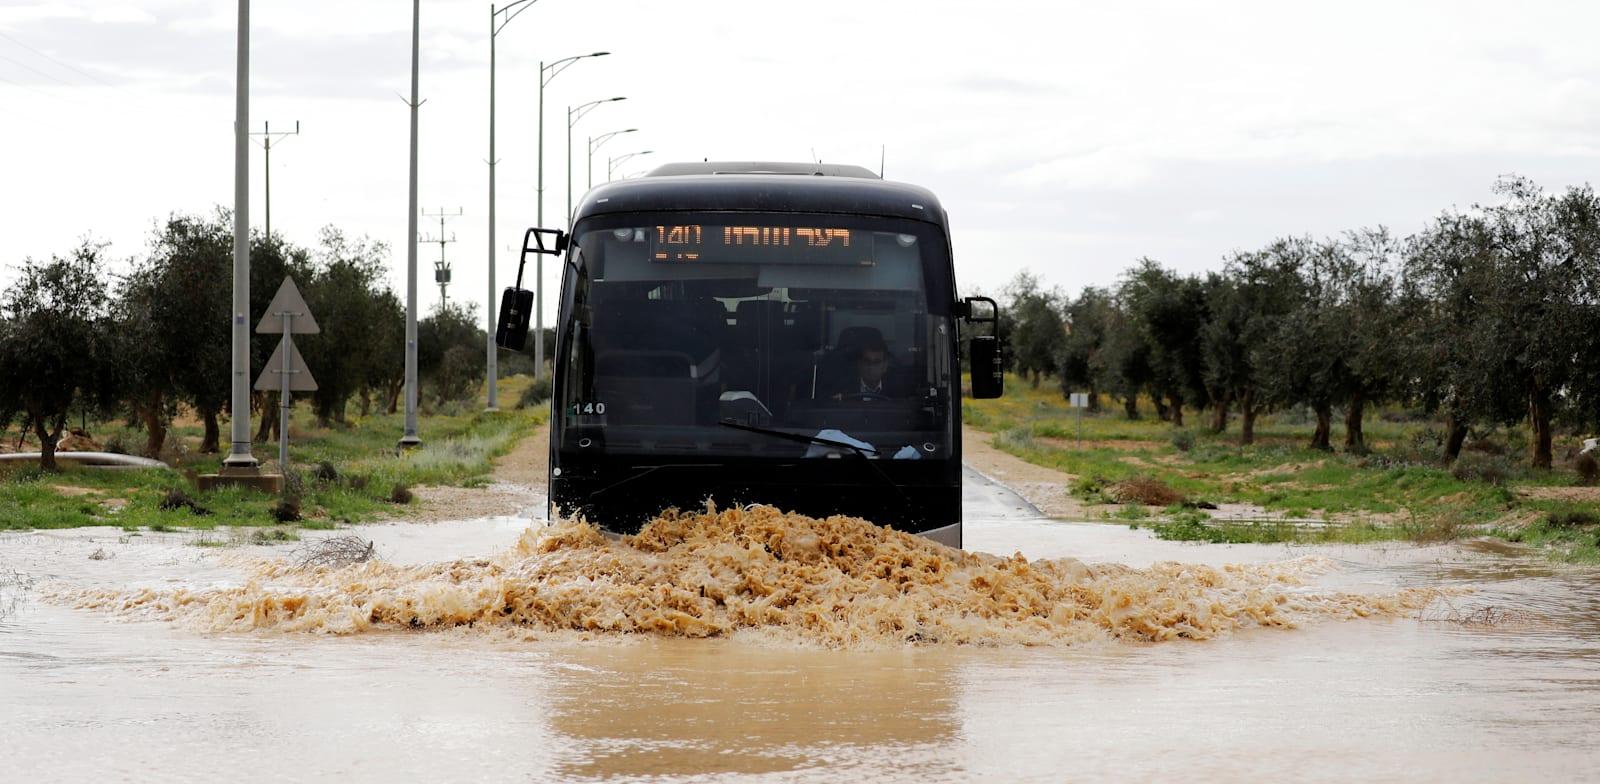 אוטובוס חוצה כביש מוצף ליד באר מילכה. ההצעה היא להקים אתרי ויסות / צילום: Reuters, Amir Cohen